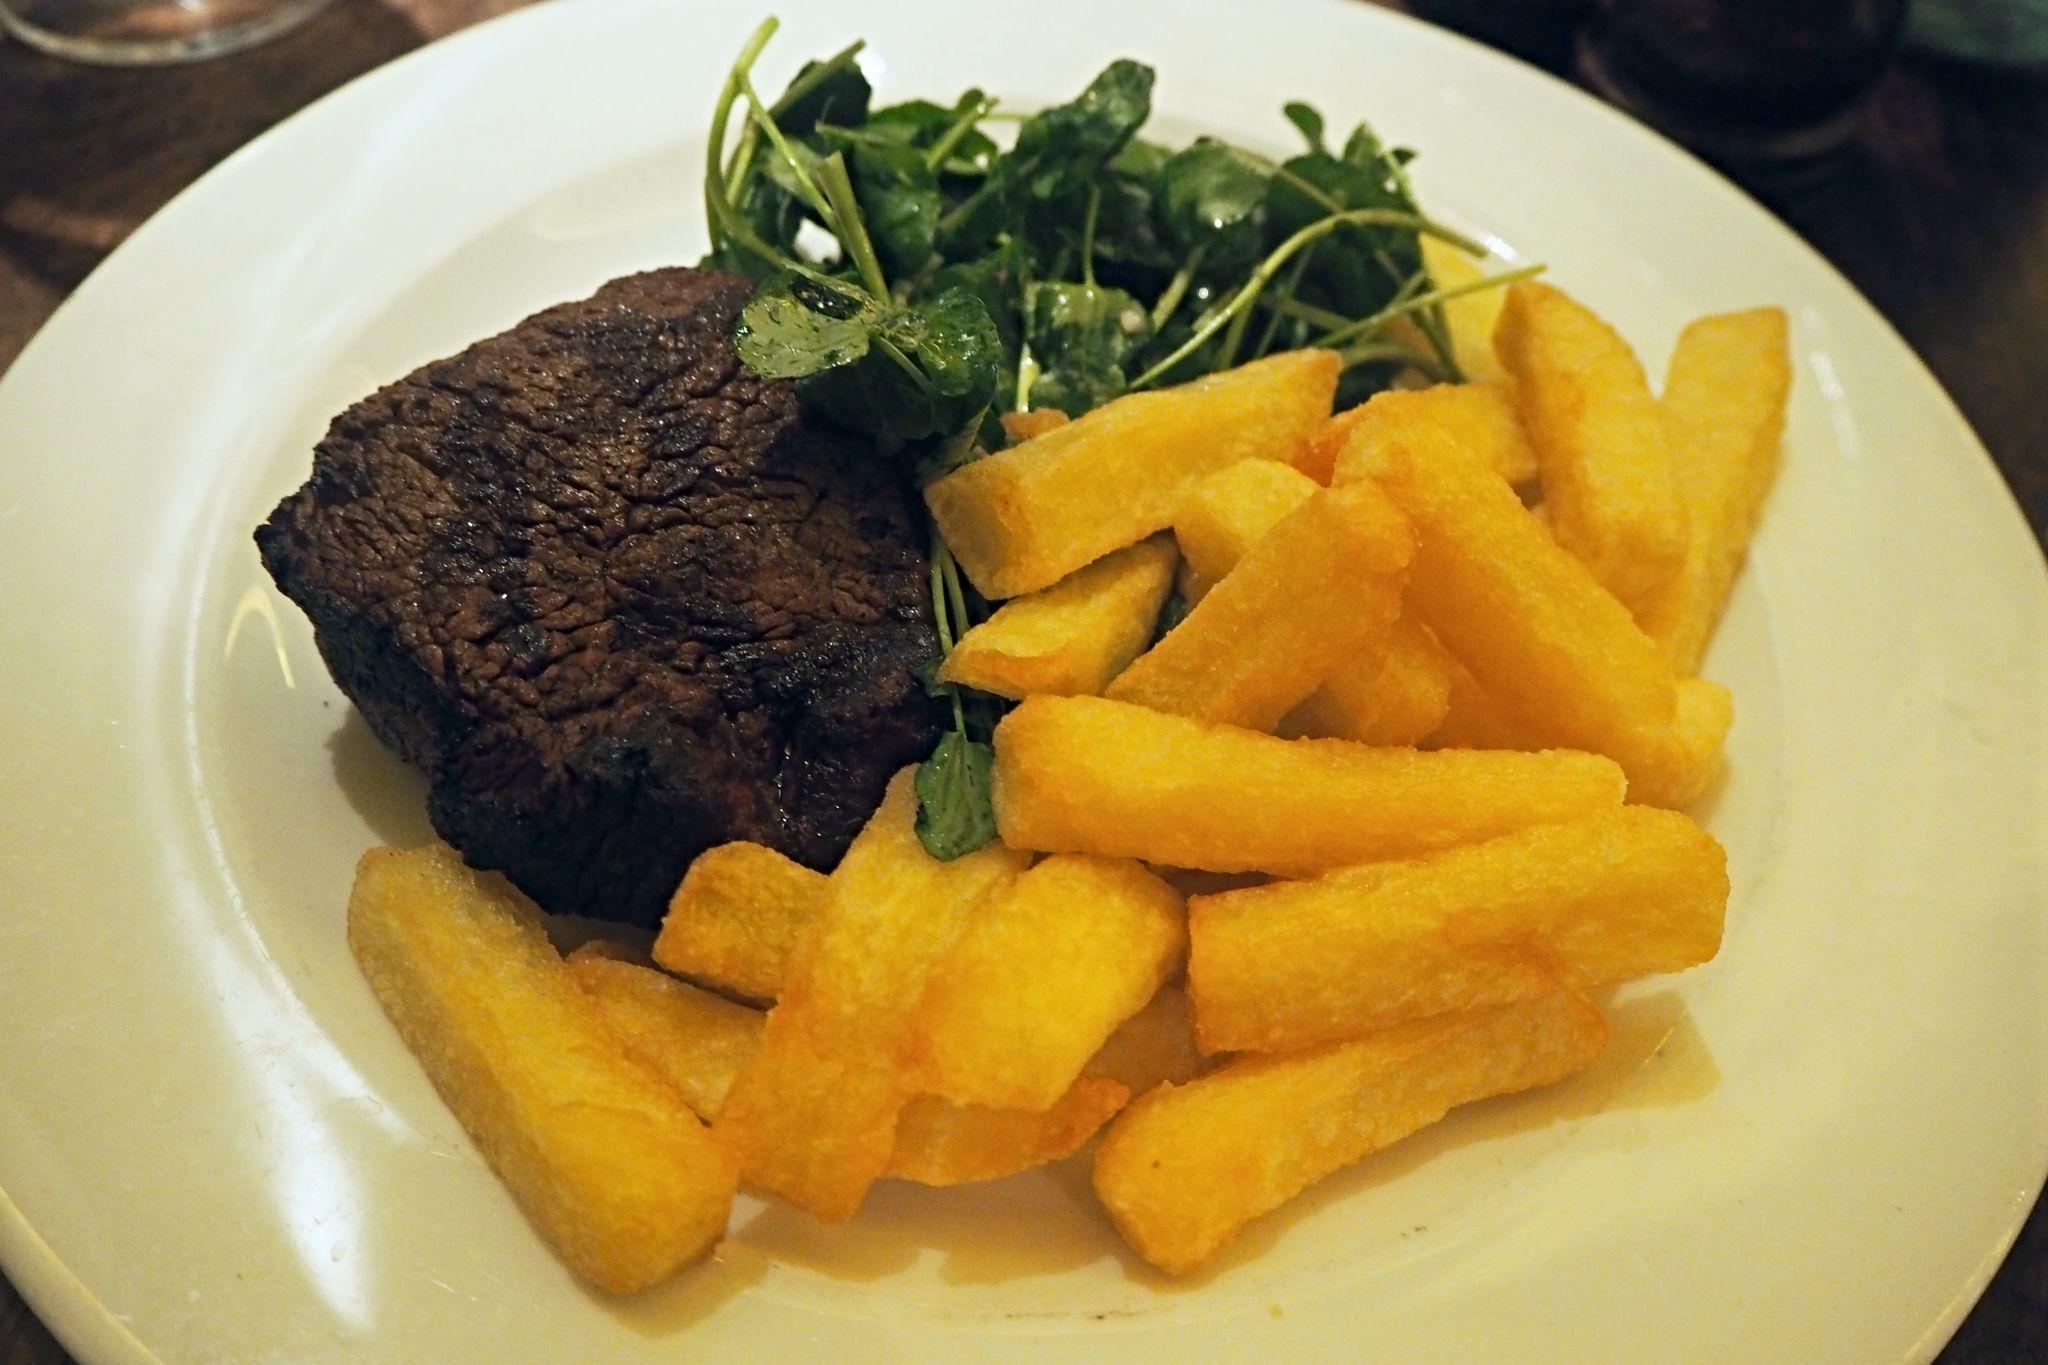 35 Day Rump Steak